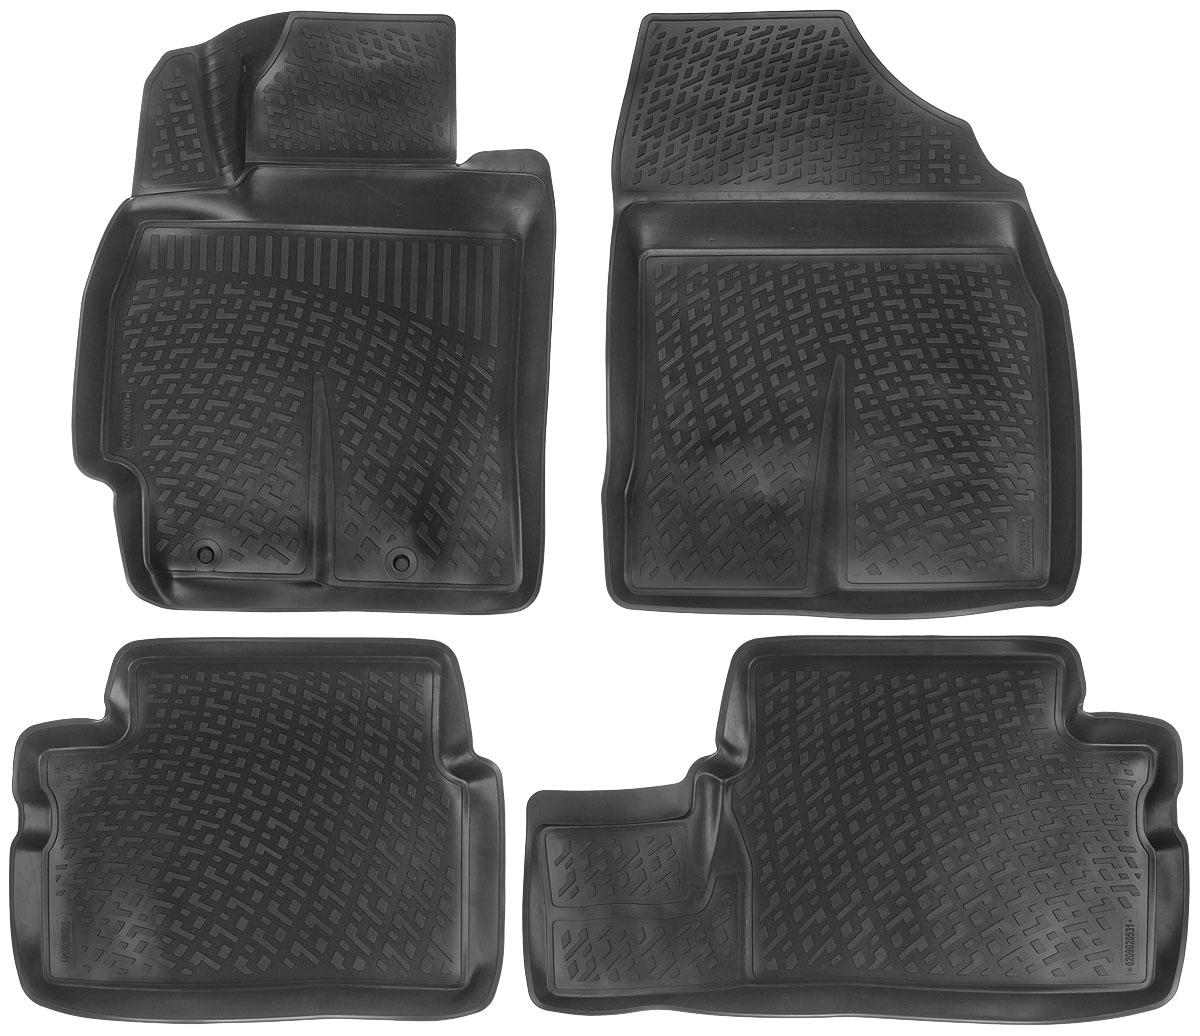 Набор автомобильных ковриков L.Locker Toyota Corolla/Auris 2007, в салон, 4 штWT-CD37Набор L.Locker Toyota Corolla/Auris 2007, изготовленный из полиуретана, состоит из 4 антискользящих 3D ковриков, которые производятся индивидуально для каждой модели автомобиля. Изделие точно повторяет геометрию пола автомобиля, имеет высокий борт, обладает повышенной износоустойчивостью, лишено резкого запаха и сохраняет свои потребительские свойства в широком диапазоне температур от -50°С до +50°С. Набор подходит для автомобилей с 2007 года выпуска. Комплектация: 4 шт.Размер ковриков: 73 см х 58 см; 60 см х 46 см; 80 см х 46 см; 74 см х 57 см.